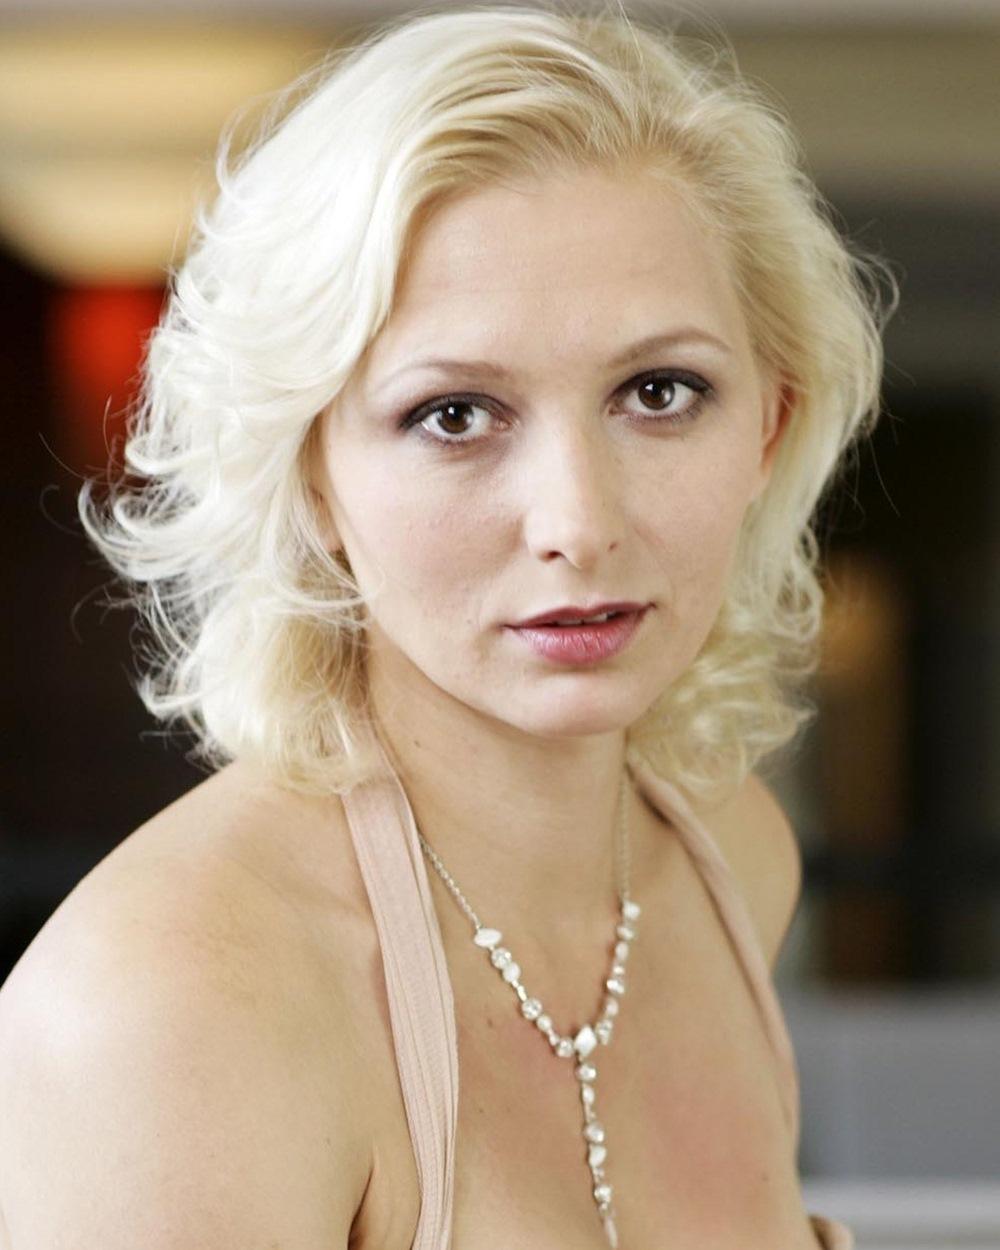 Tatiana Ouliankina Net Worth